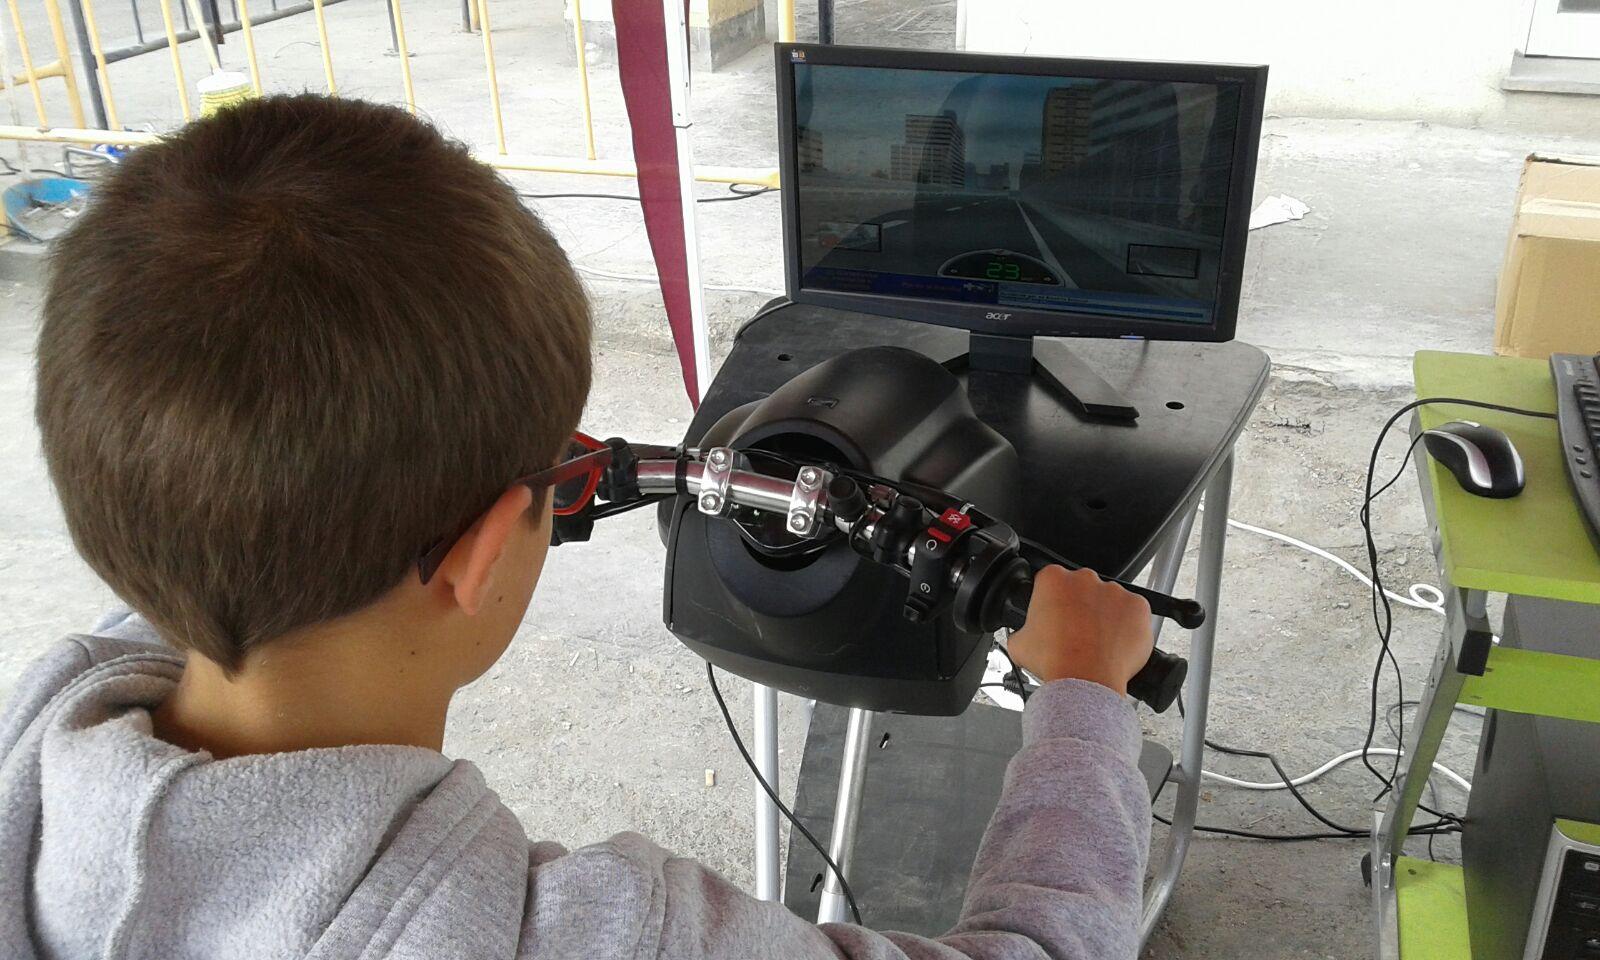 Simulador moto - Fundtrafic -Cemex Family Day